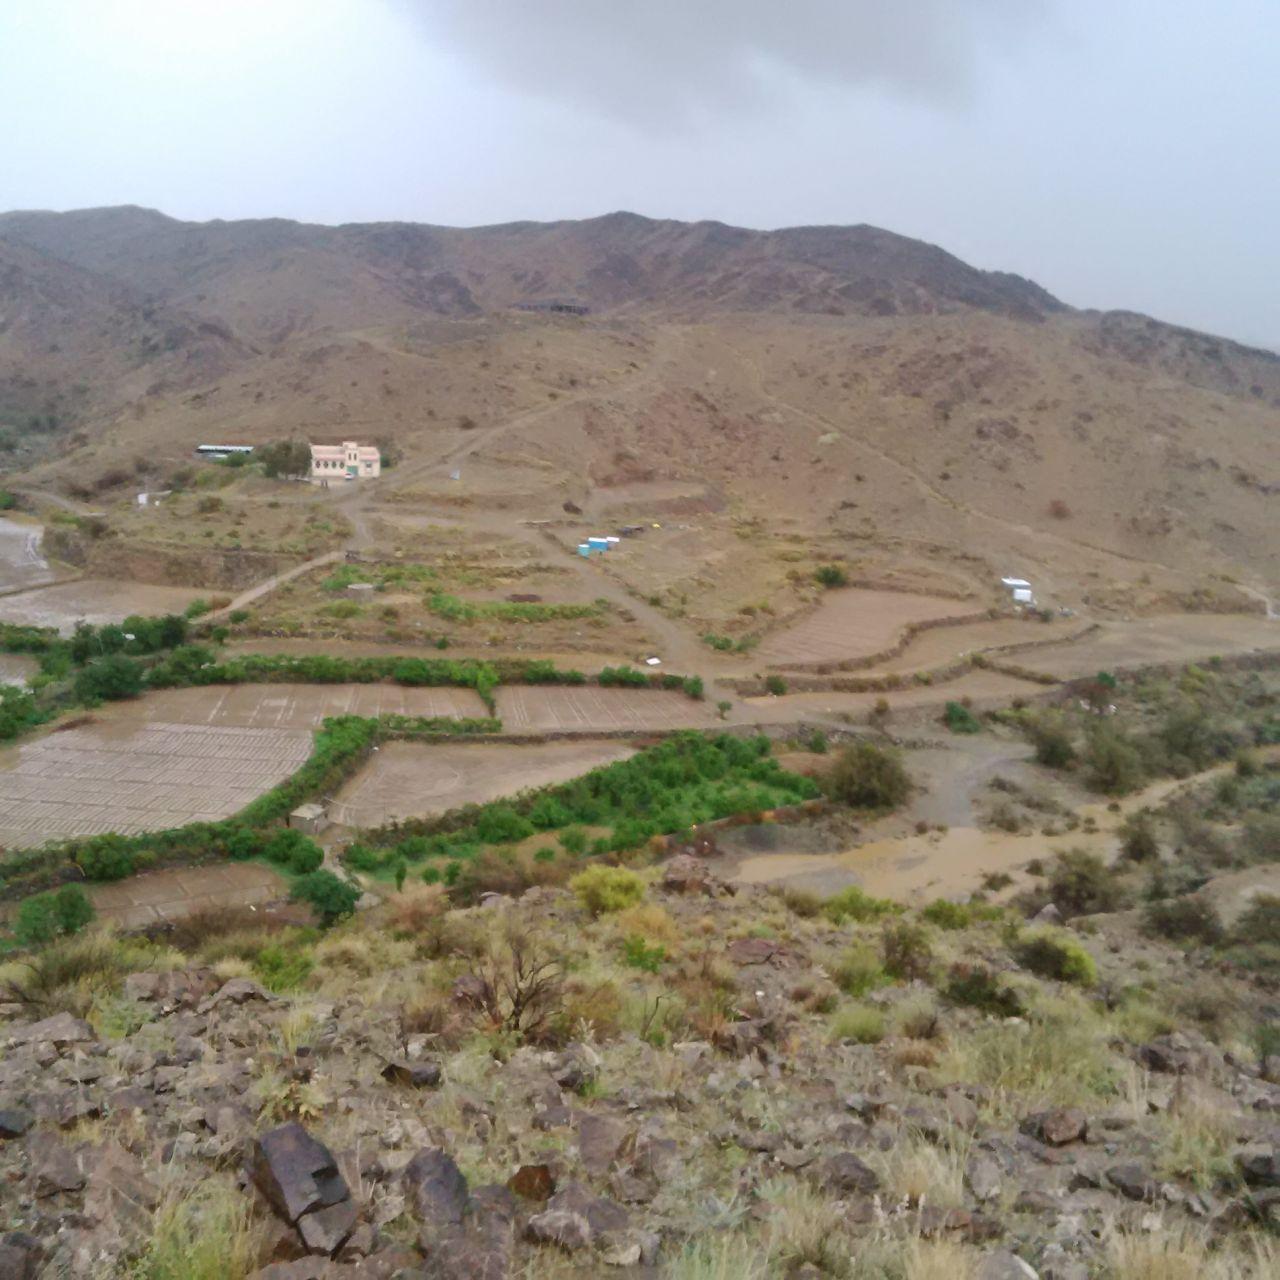 من امطار بني مالك على قري شوقب اليوم السبت 1437/6/24 CfDtxfEW8AEjYVP